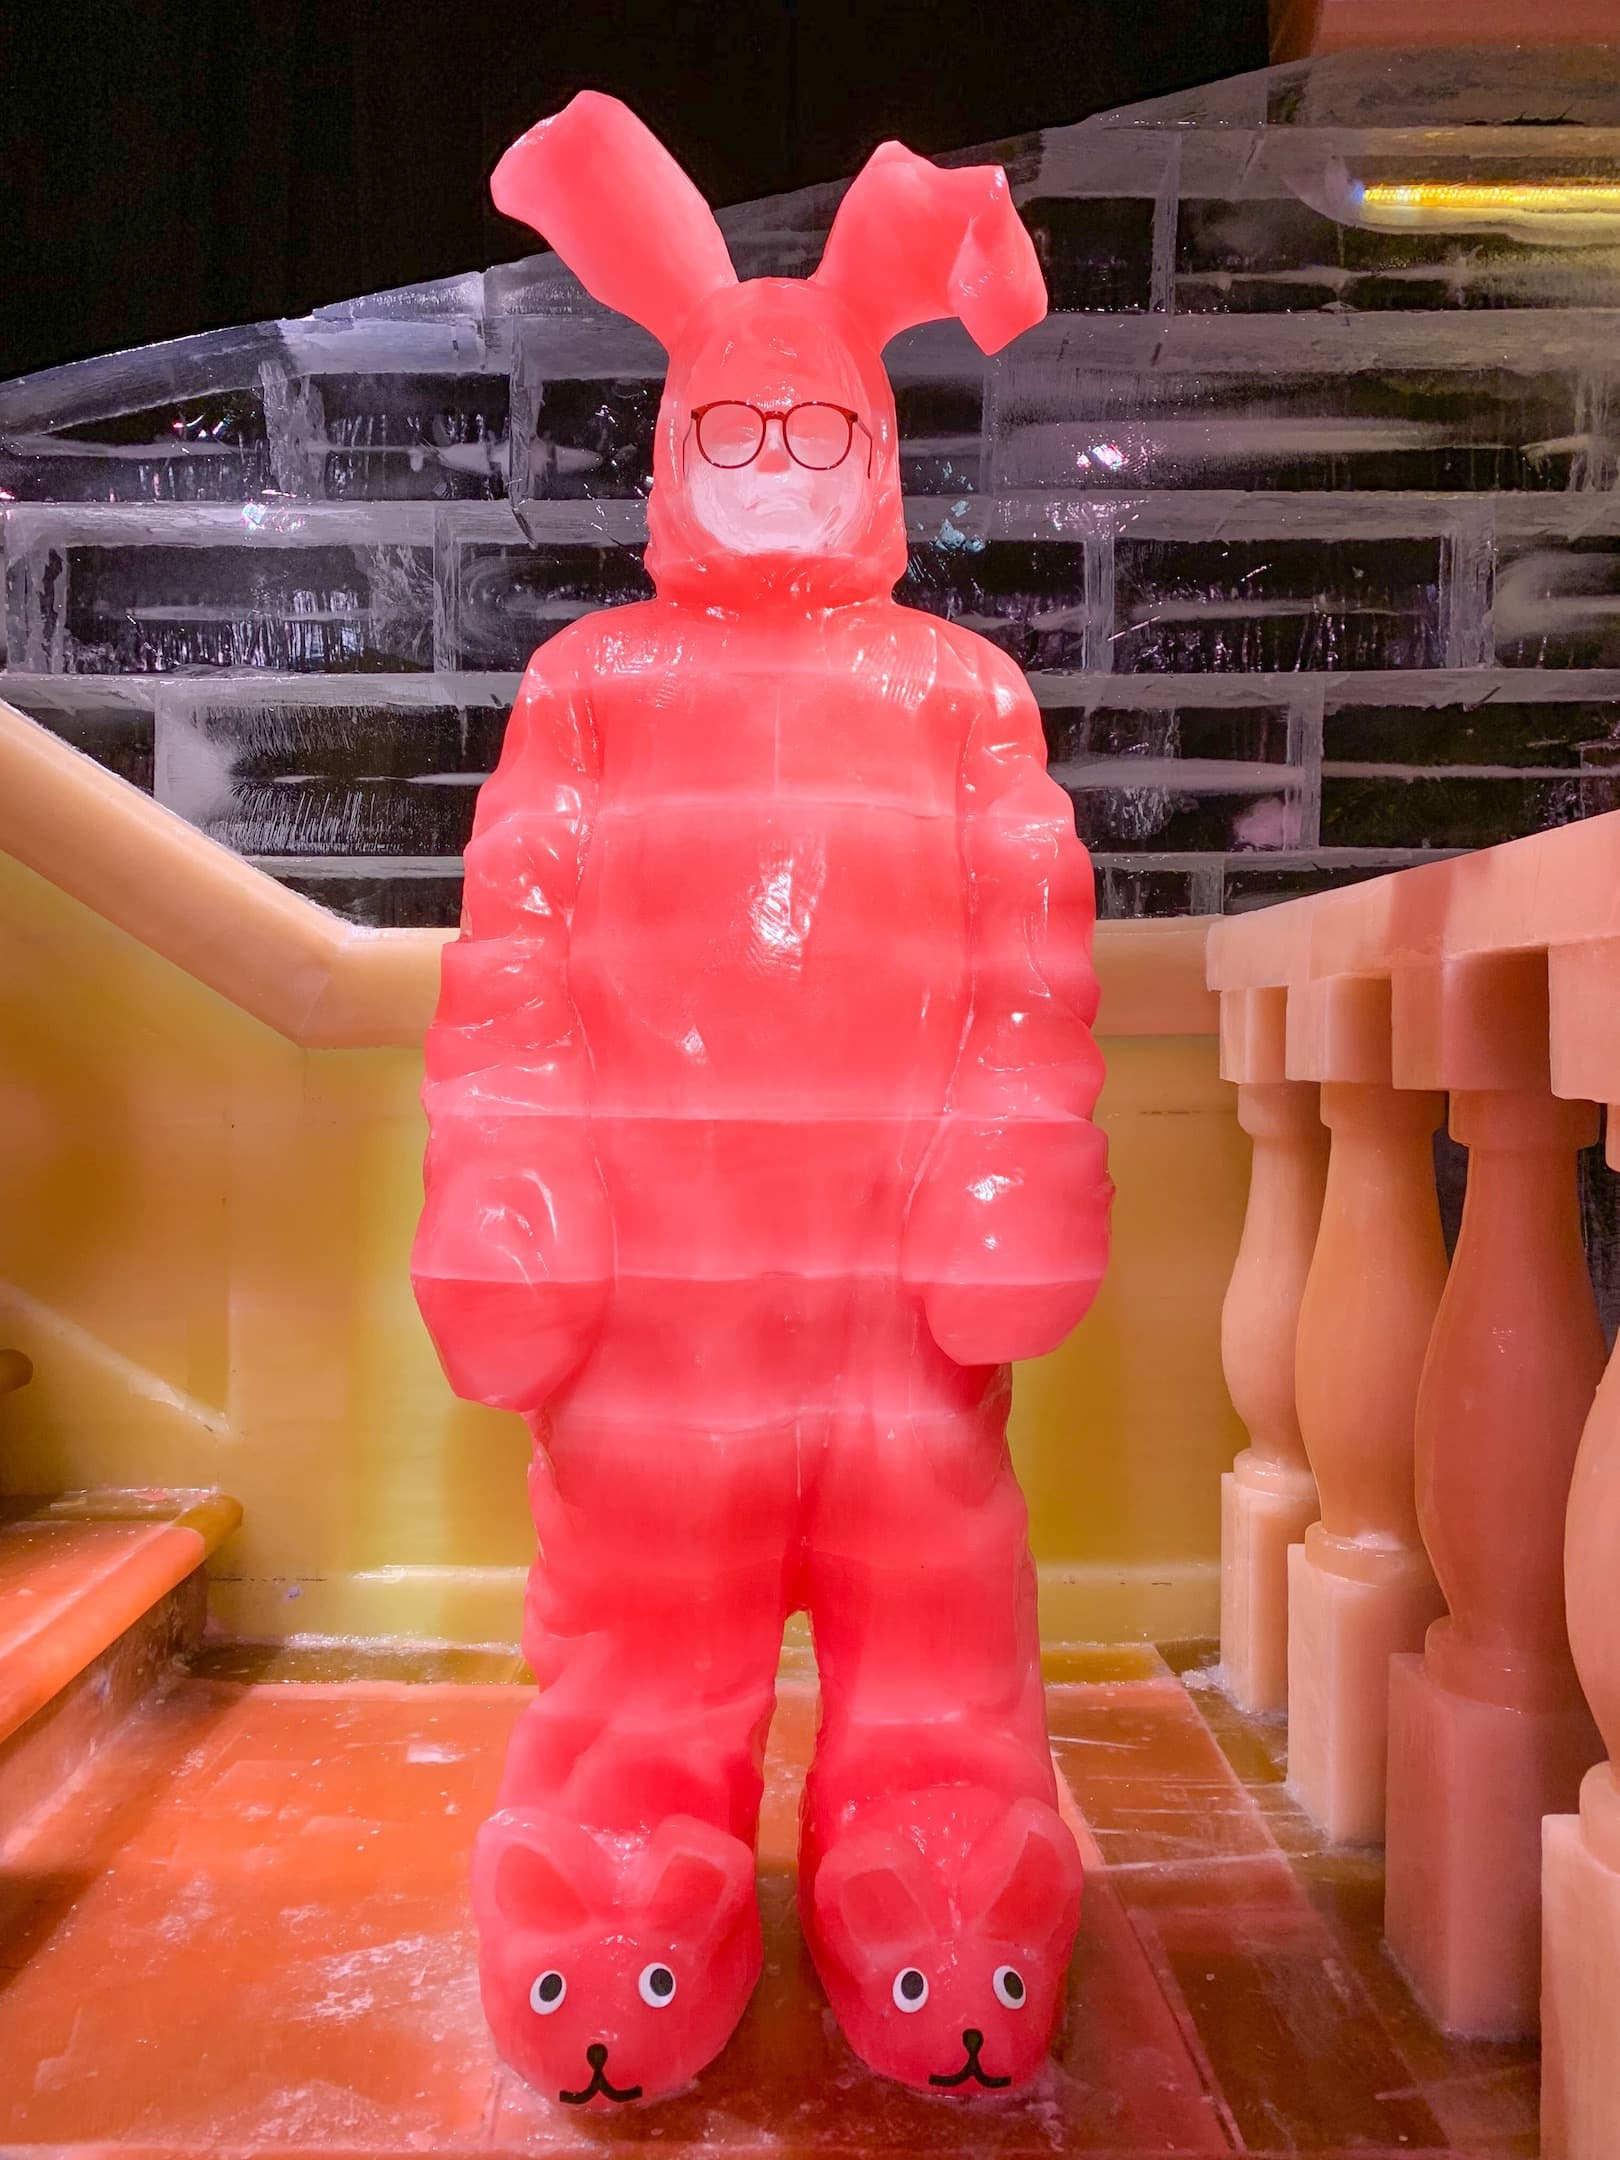 Gaylord Palms ICE 2018 A Christmas Story Orlando Pink Rabbit Pajamas